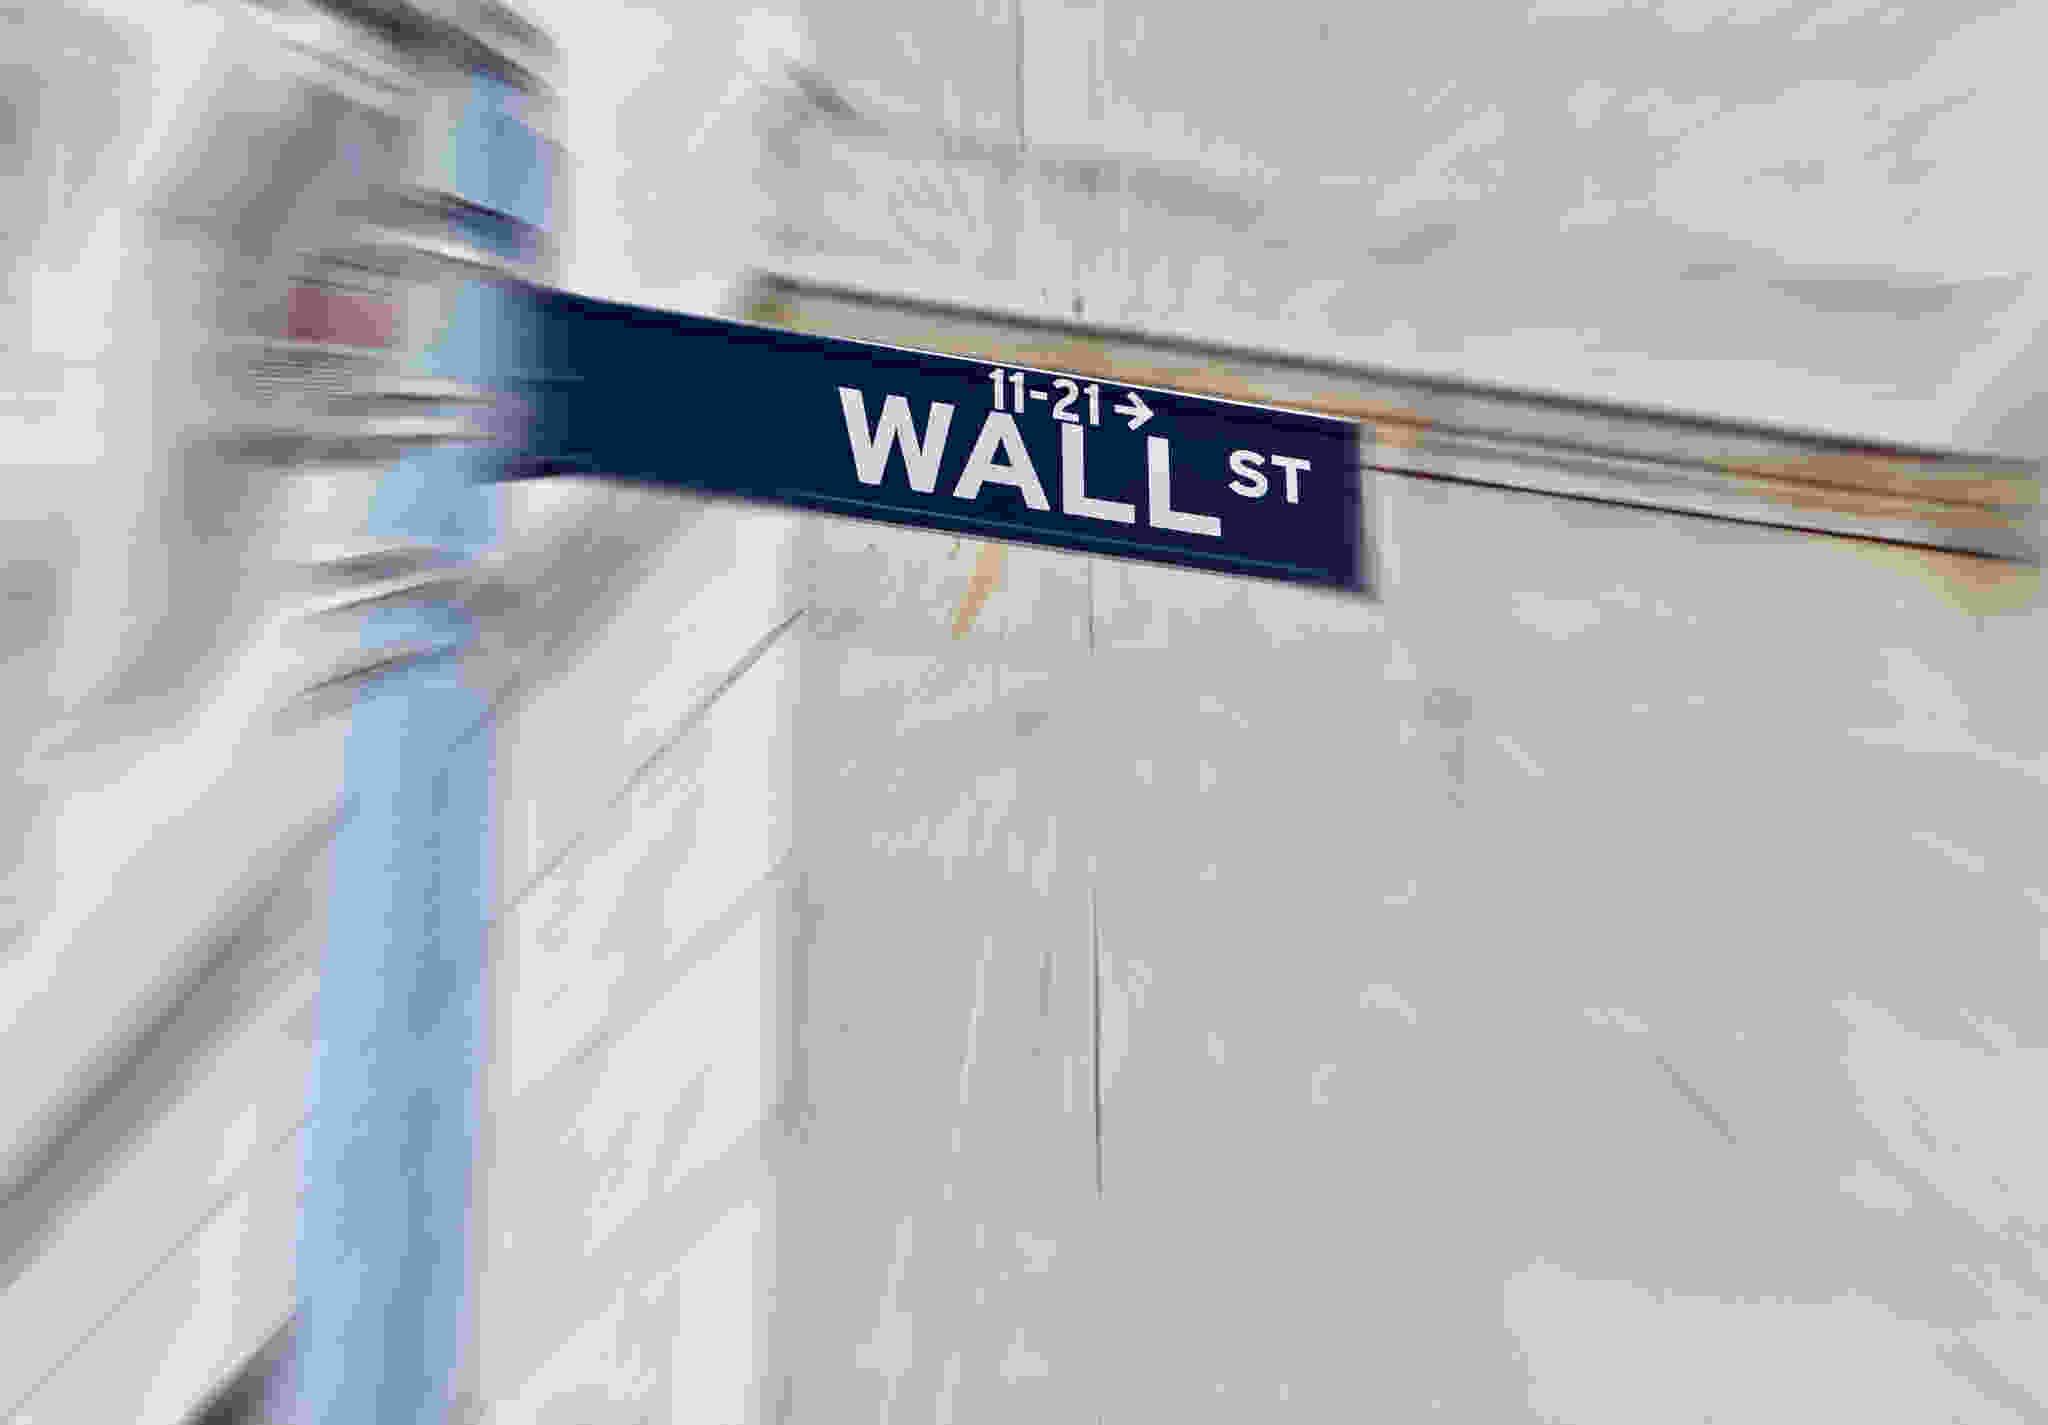 Quants, Magos de Wall Street